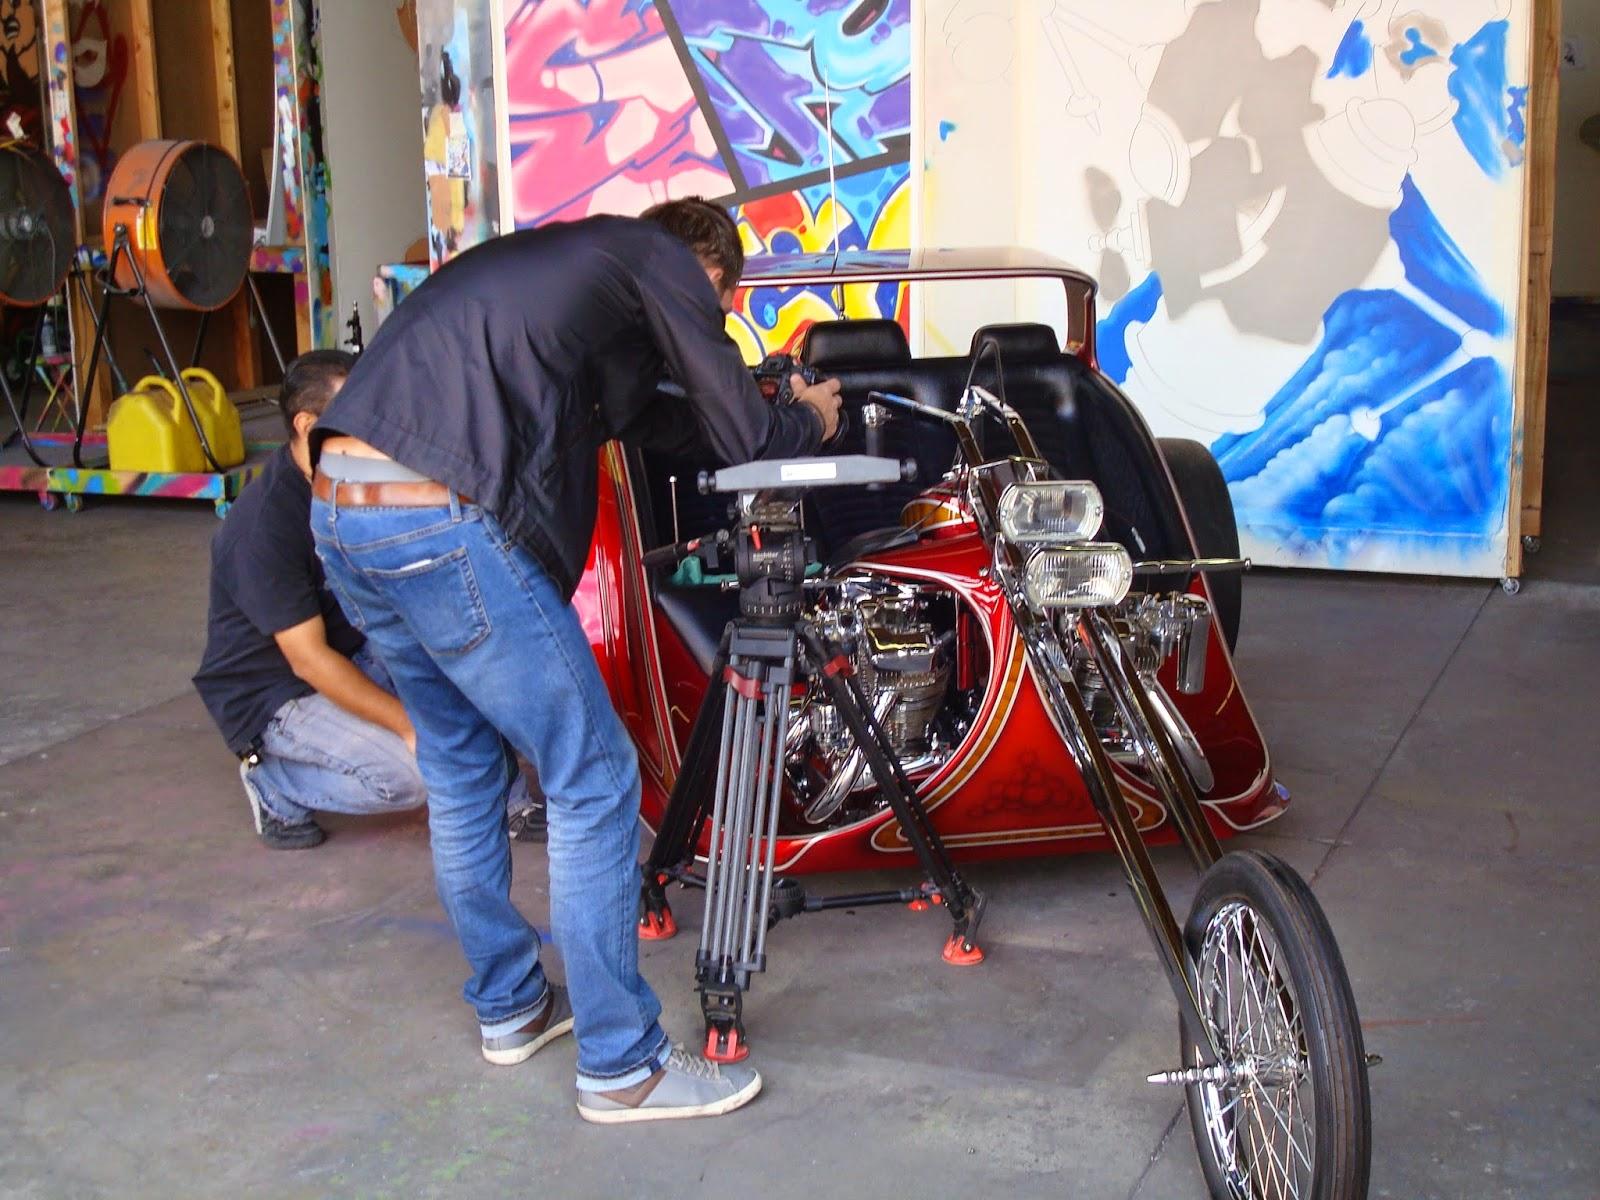 AEE Choppers - Big Twin update | Trike motorcycle, Trike